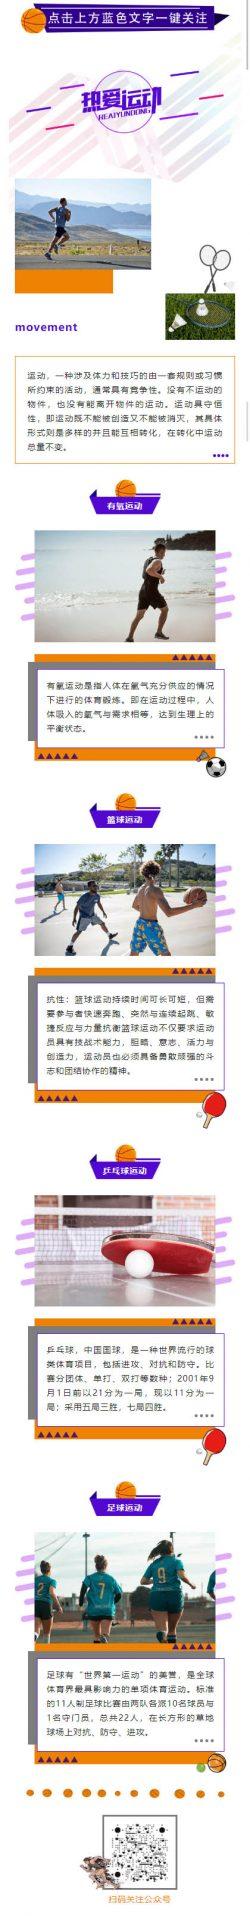 运动体育健身活动学校教育模板微信推文素材